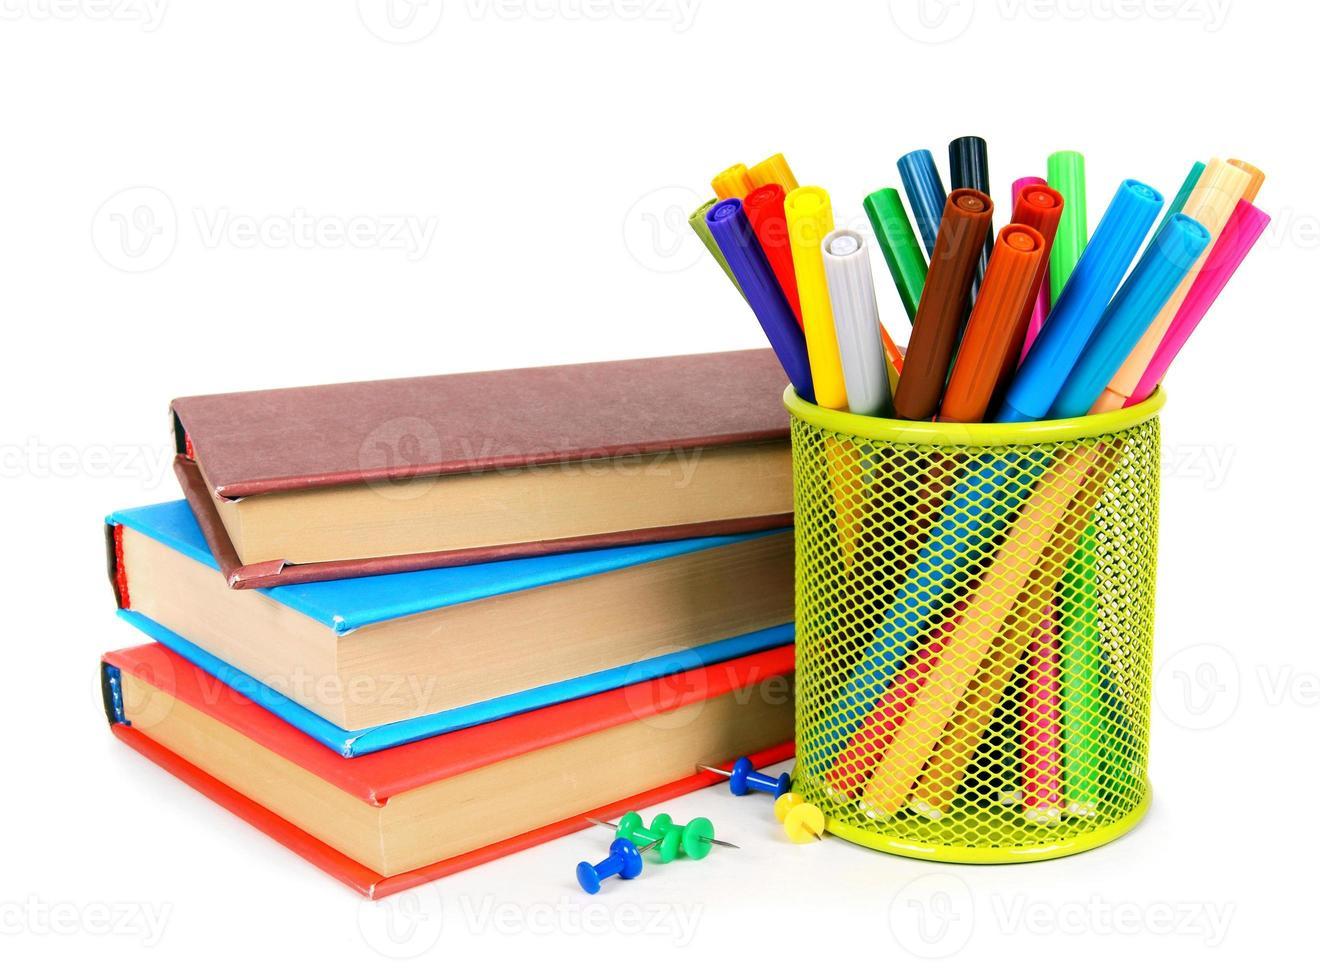 boeken en potloden. op een witte achtergrond. foto